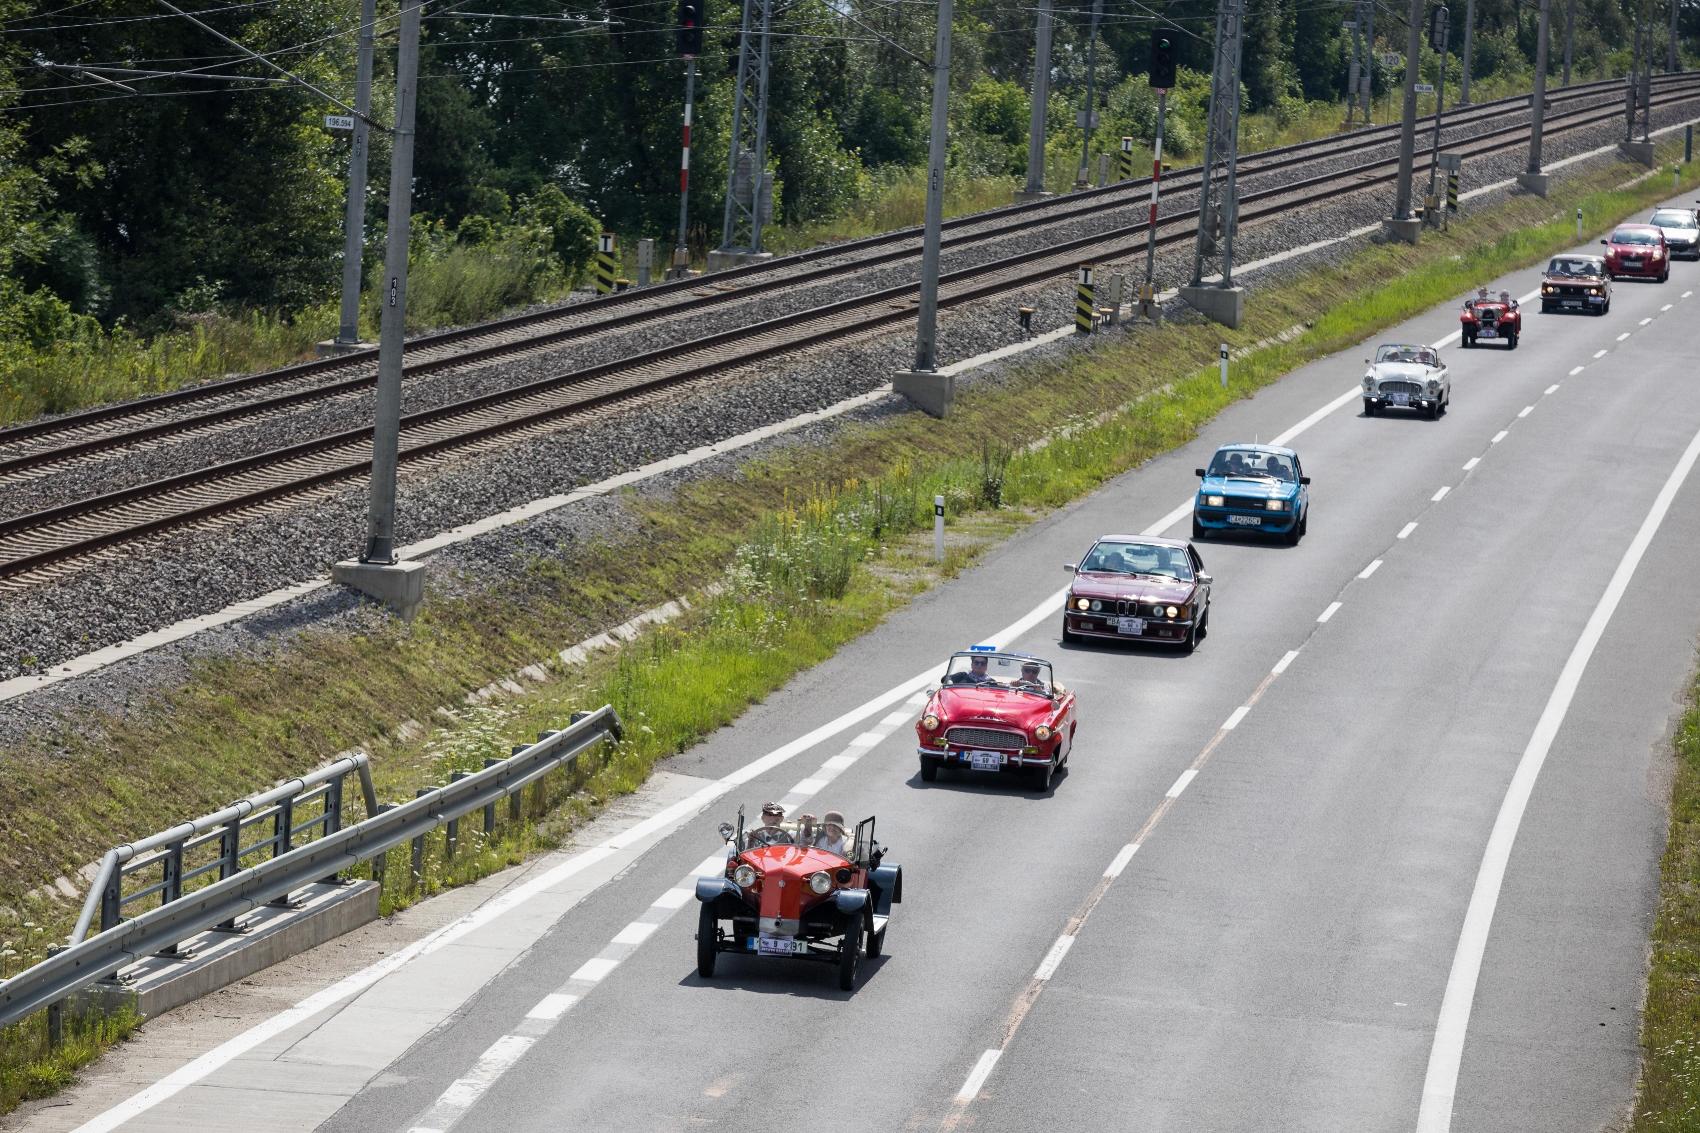 Pozrite si galériu z podujatia Beskyd Rallye – memoriál Ladislava Dlhopolčeka 2020 HGj8M6y16v turzov